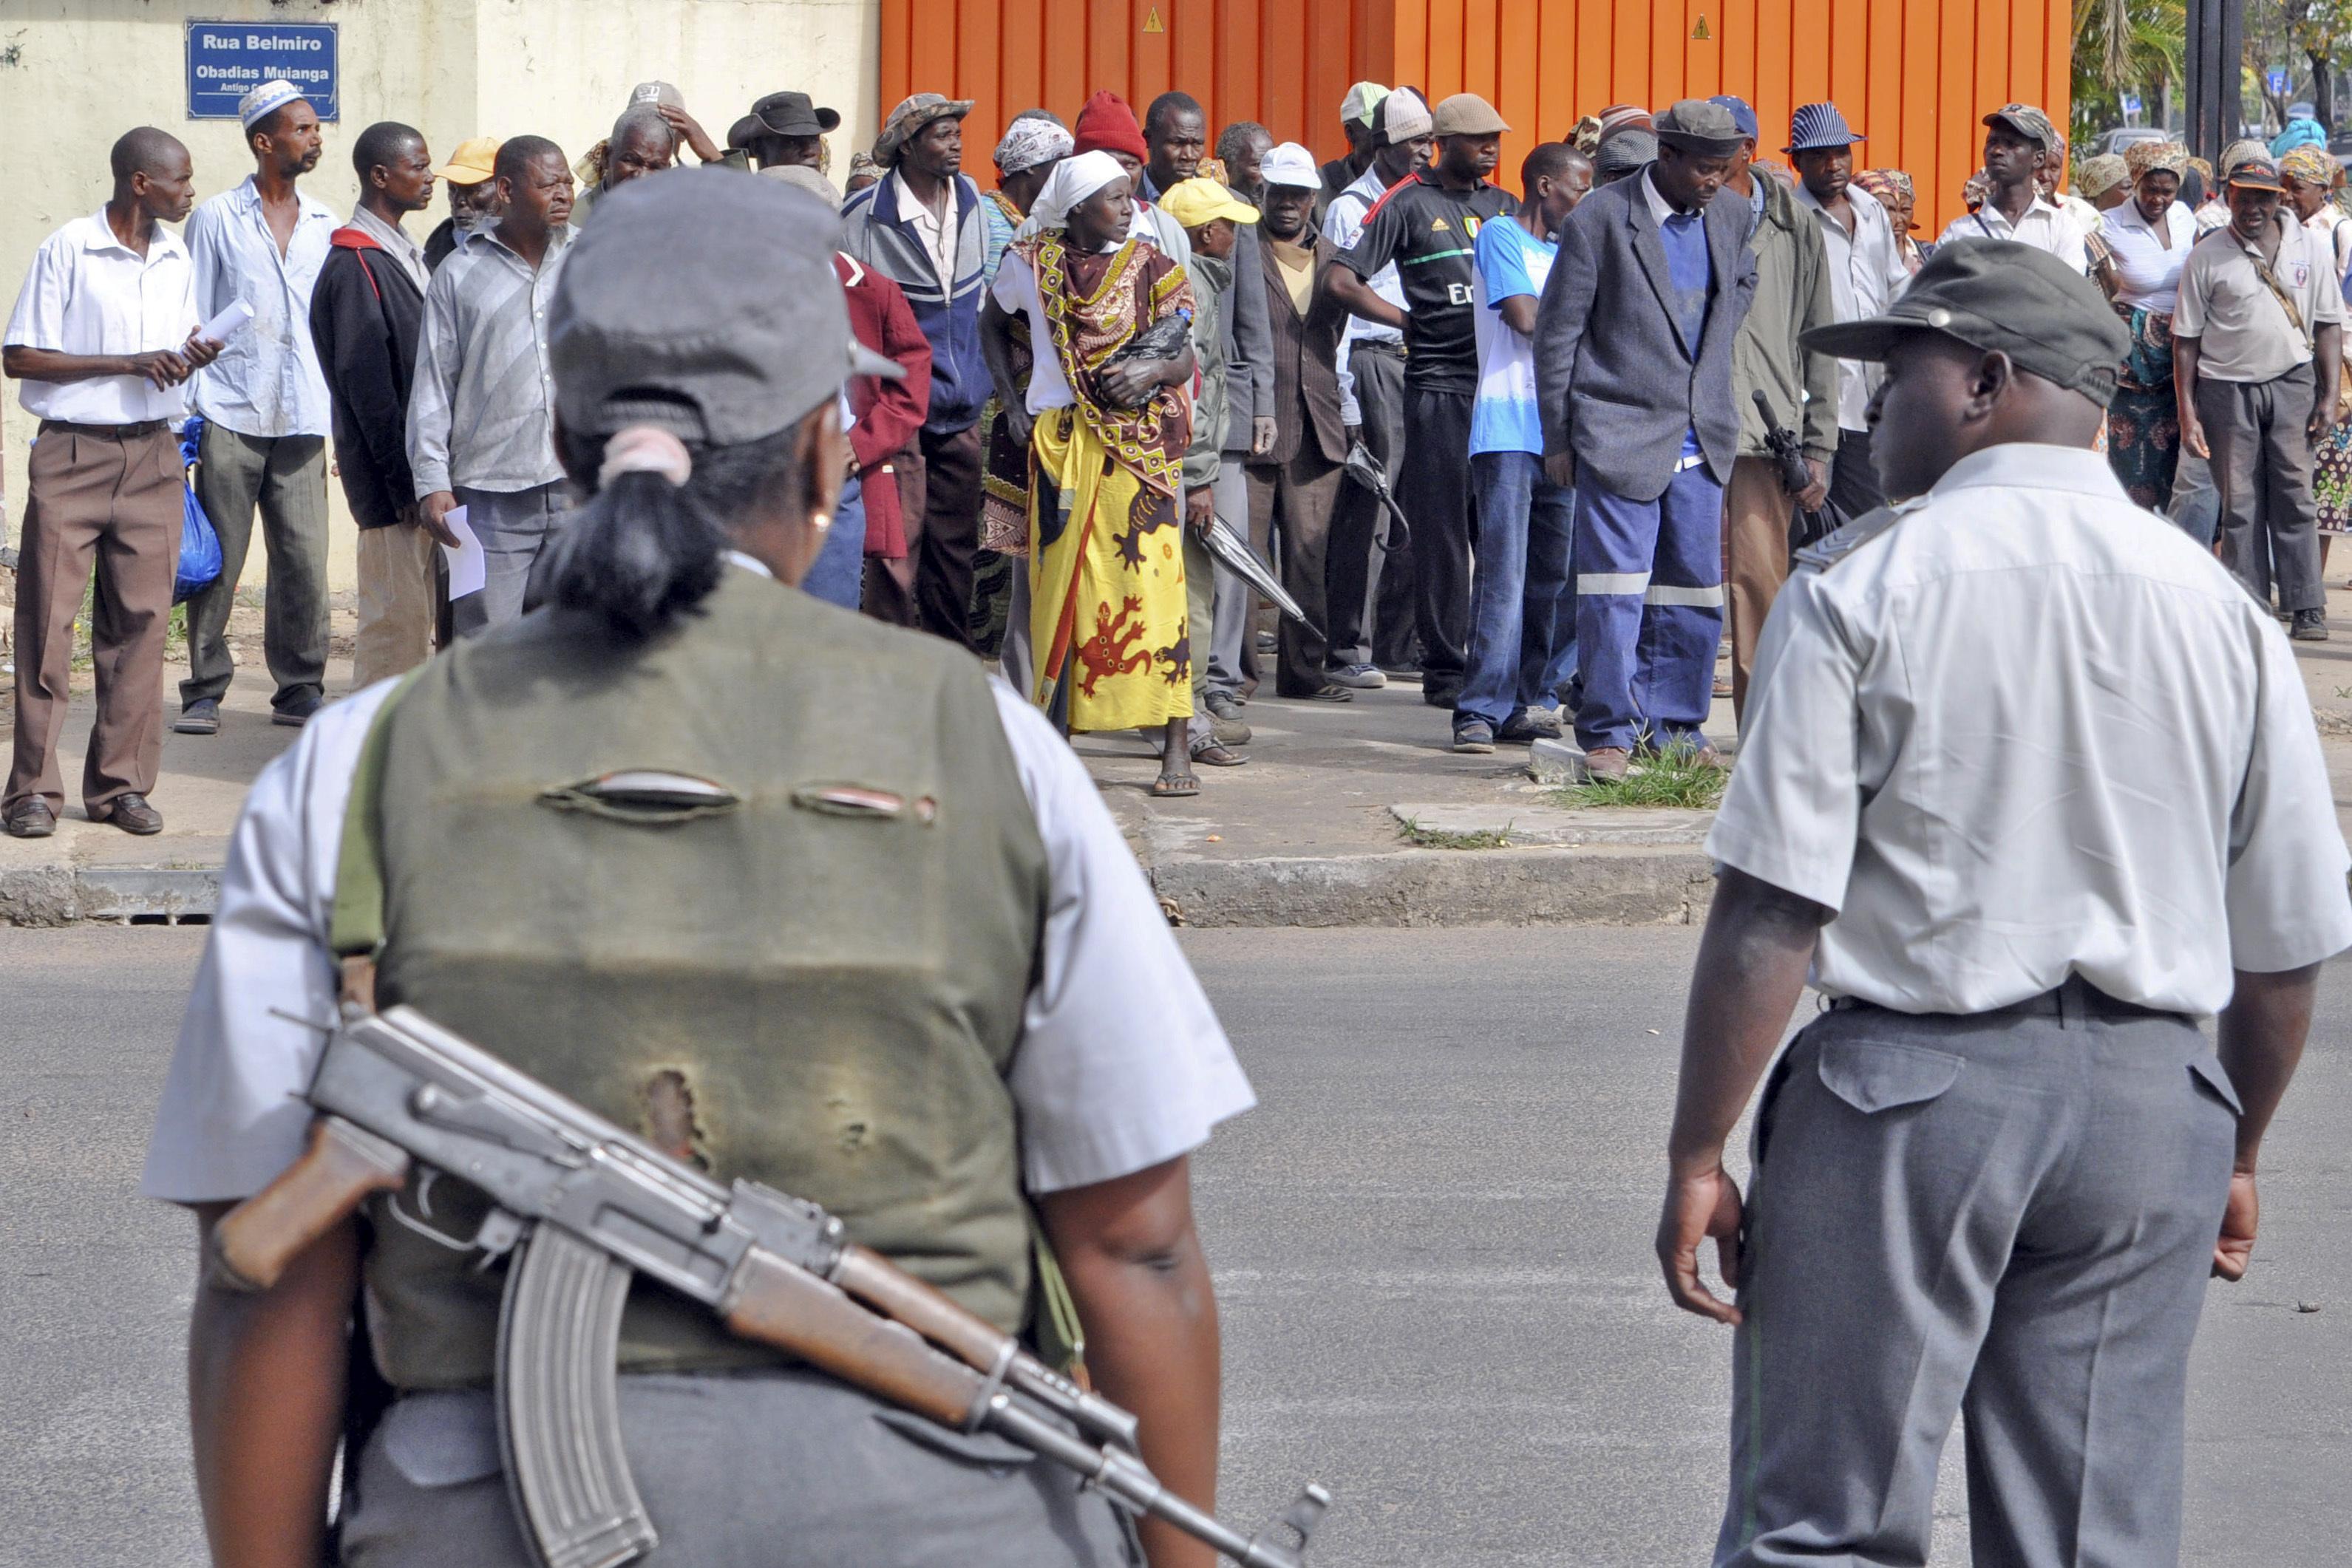 Autoridades moçambicanas anunciam detenção de 11 alegados membros de grupo armado